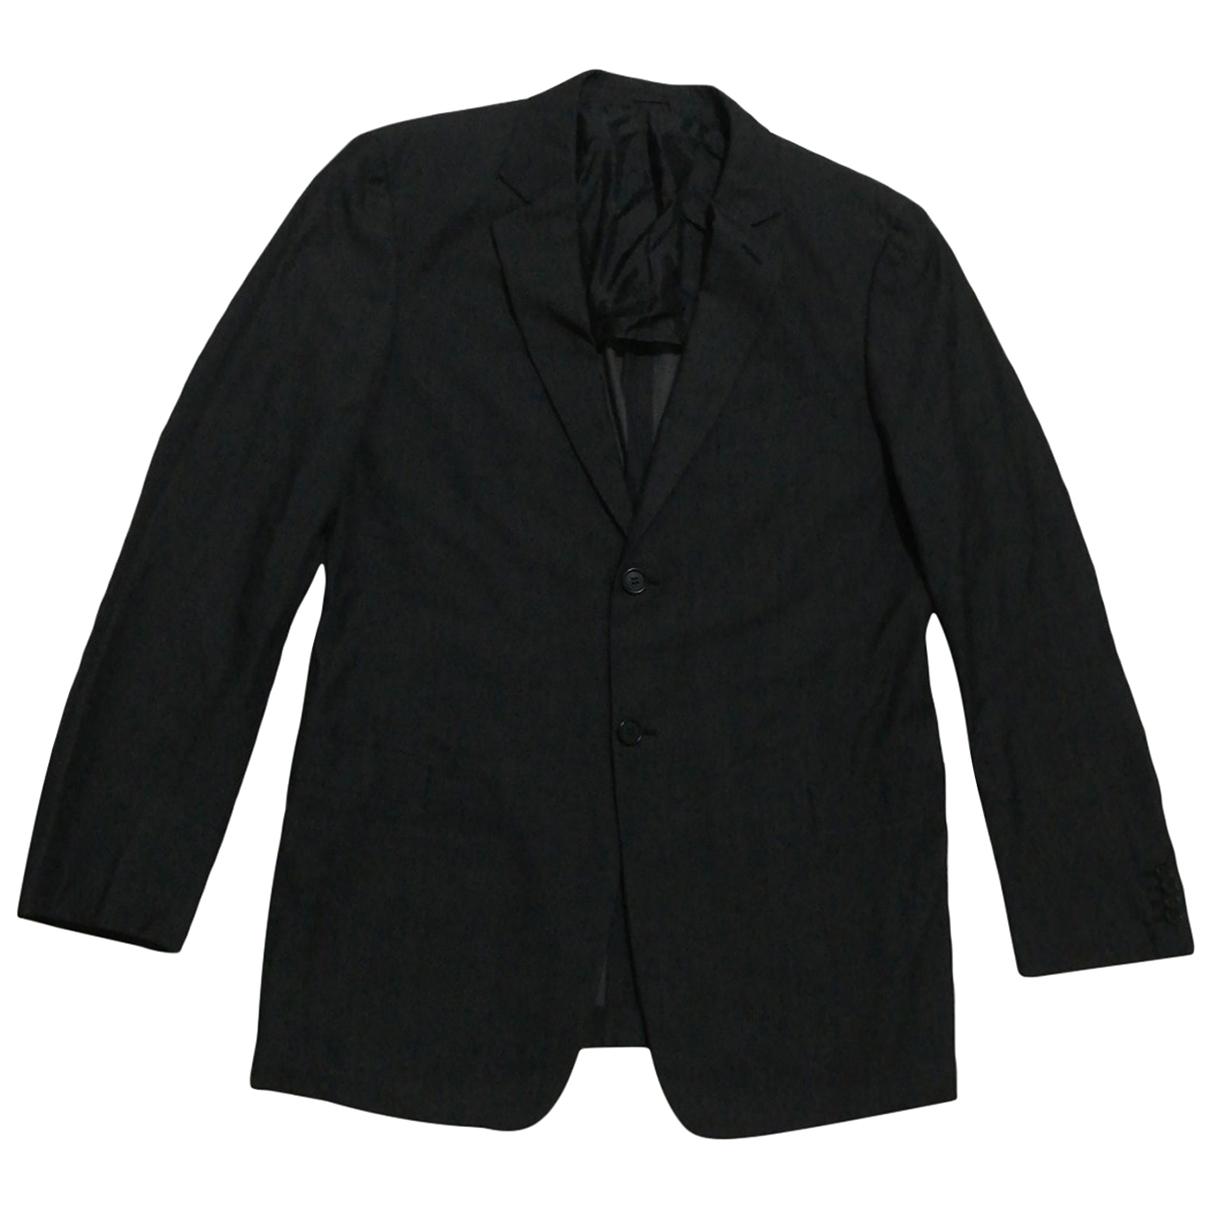 Giorgio Armani N Grey Cotton jacket  for Men 48 IT